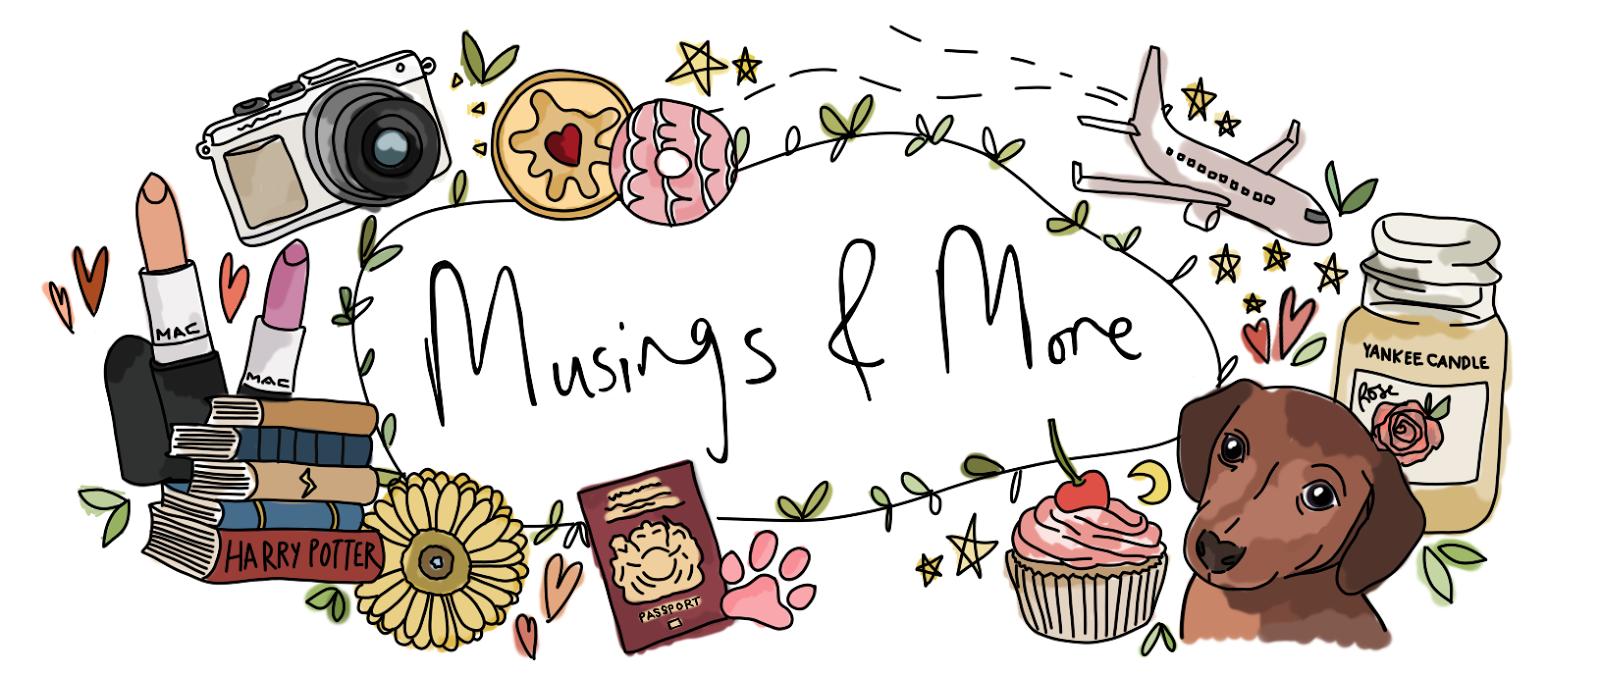 Musings & More